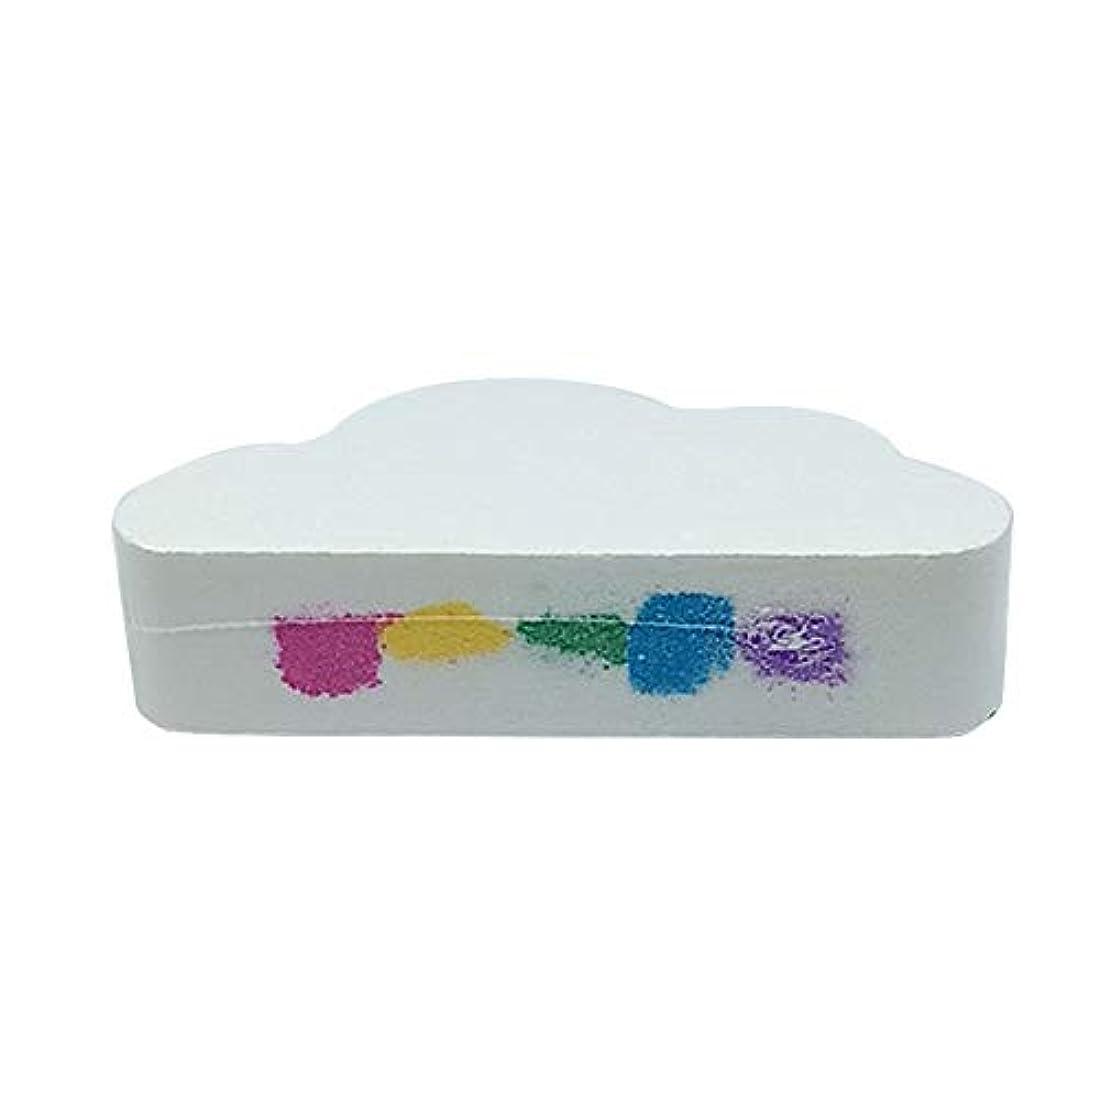 きつく競争力のあるレールレインボー入浴剤 バス用 お風呂塩 保湿バブルボール 温泉 入浴剤 スキンケア プレゼント